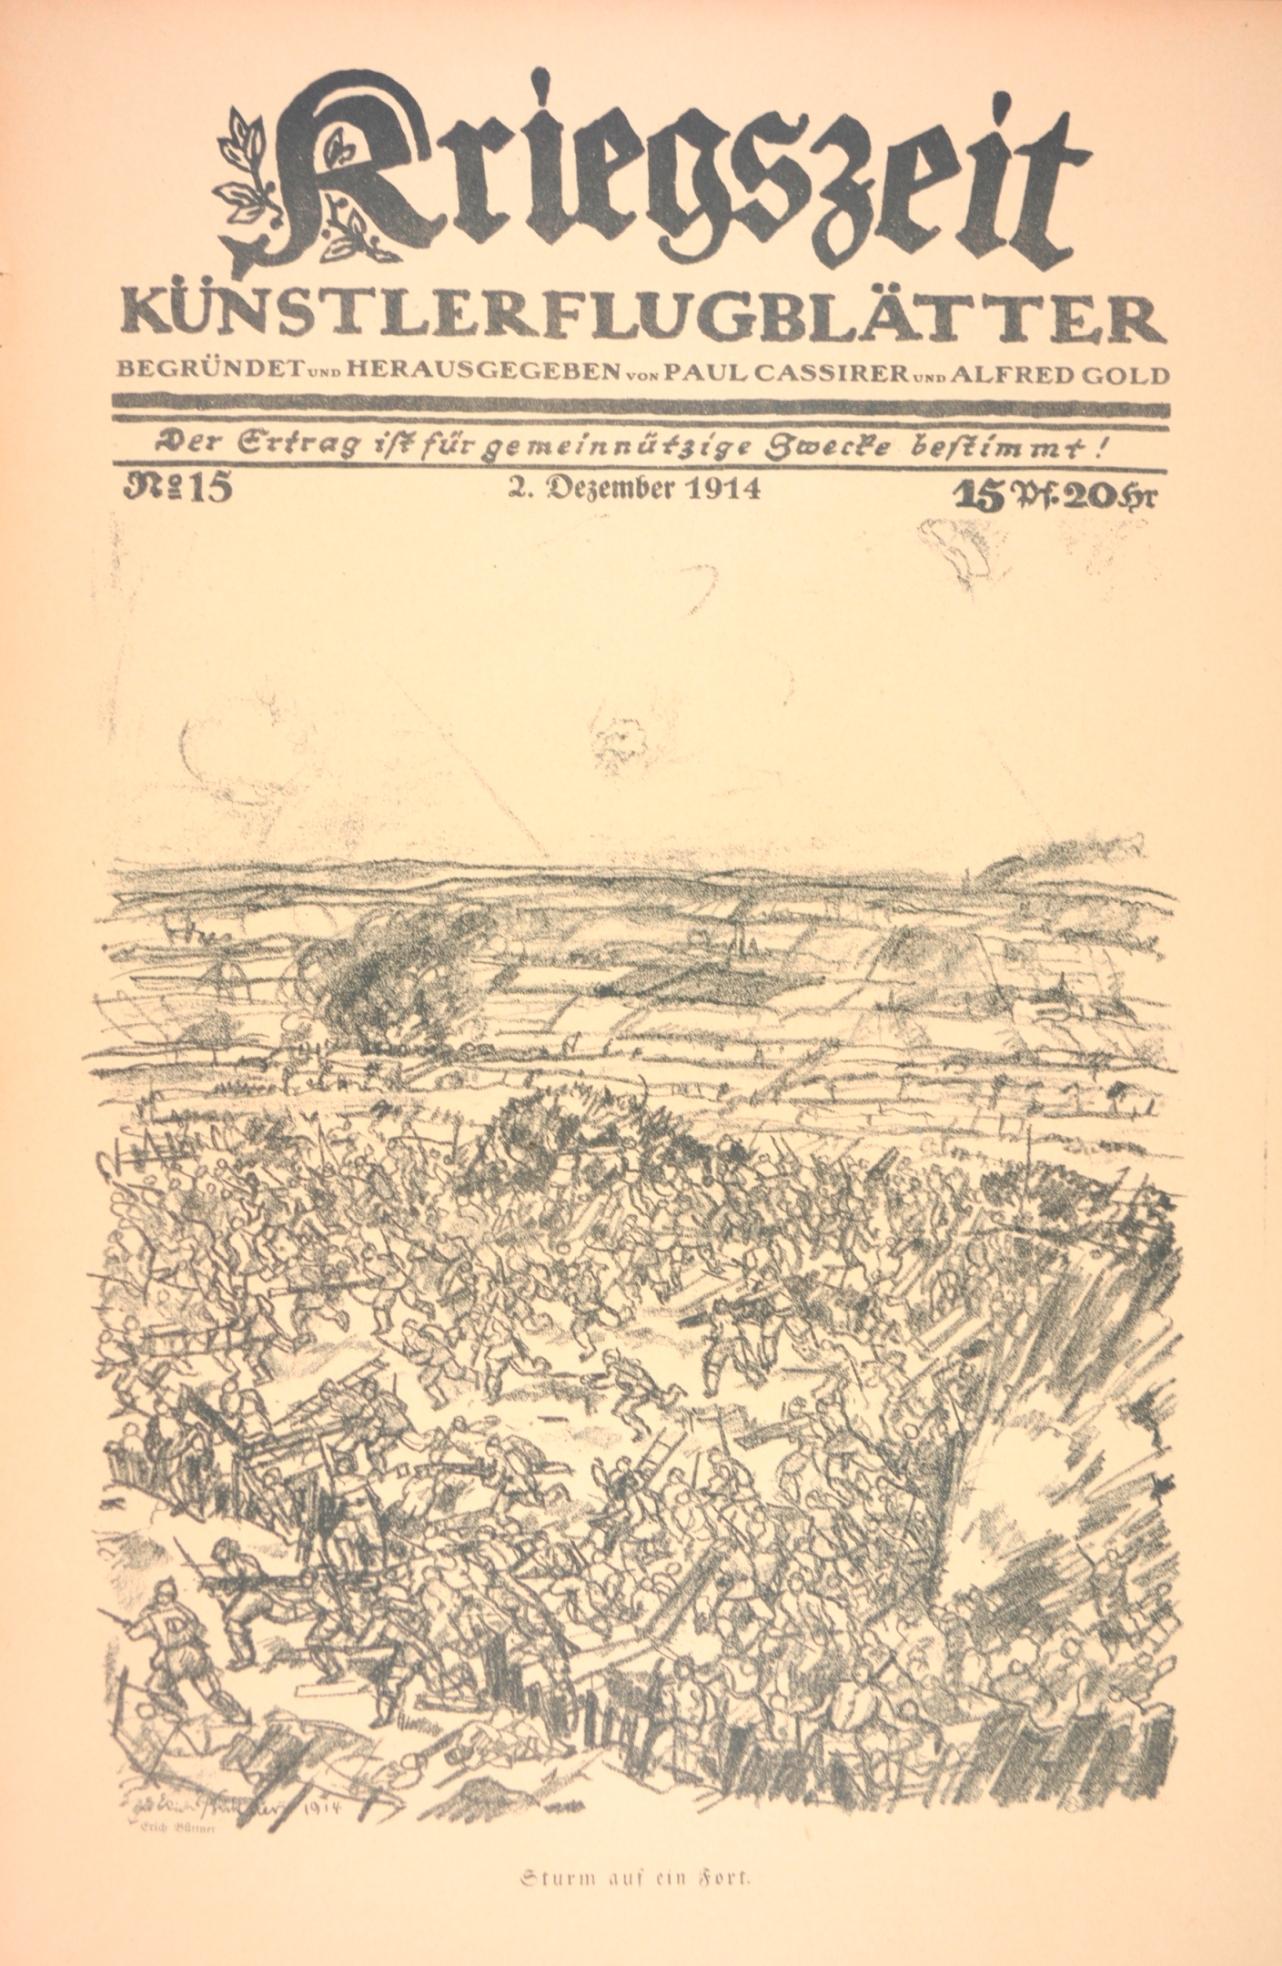 Erich Büttner Sturm auf ein Fort Lithographie pour Kriegszeit, Künstlerflugblätter, n°15, 2 décembre 1914